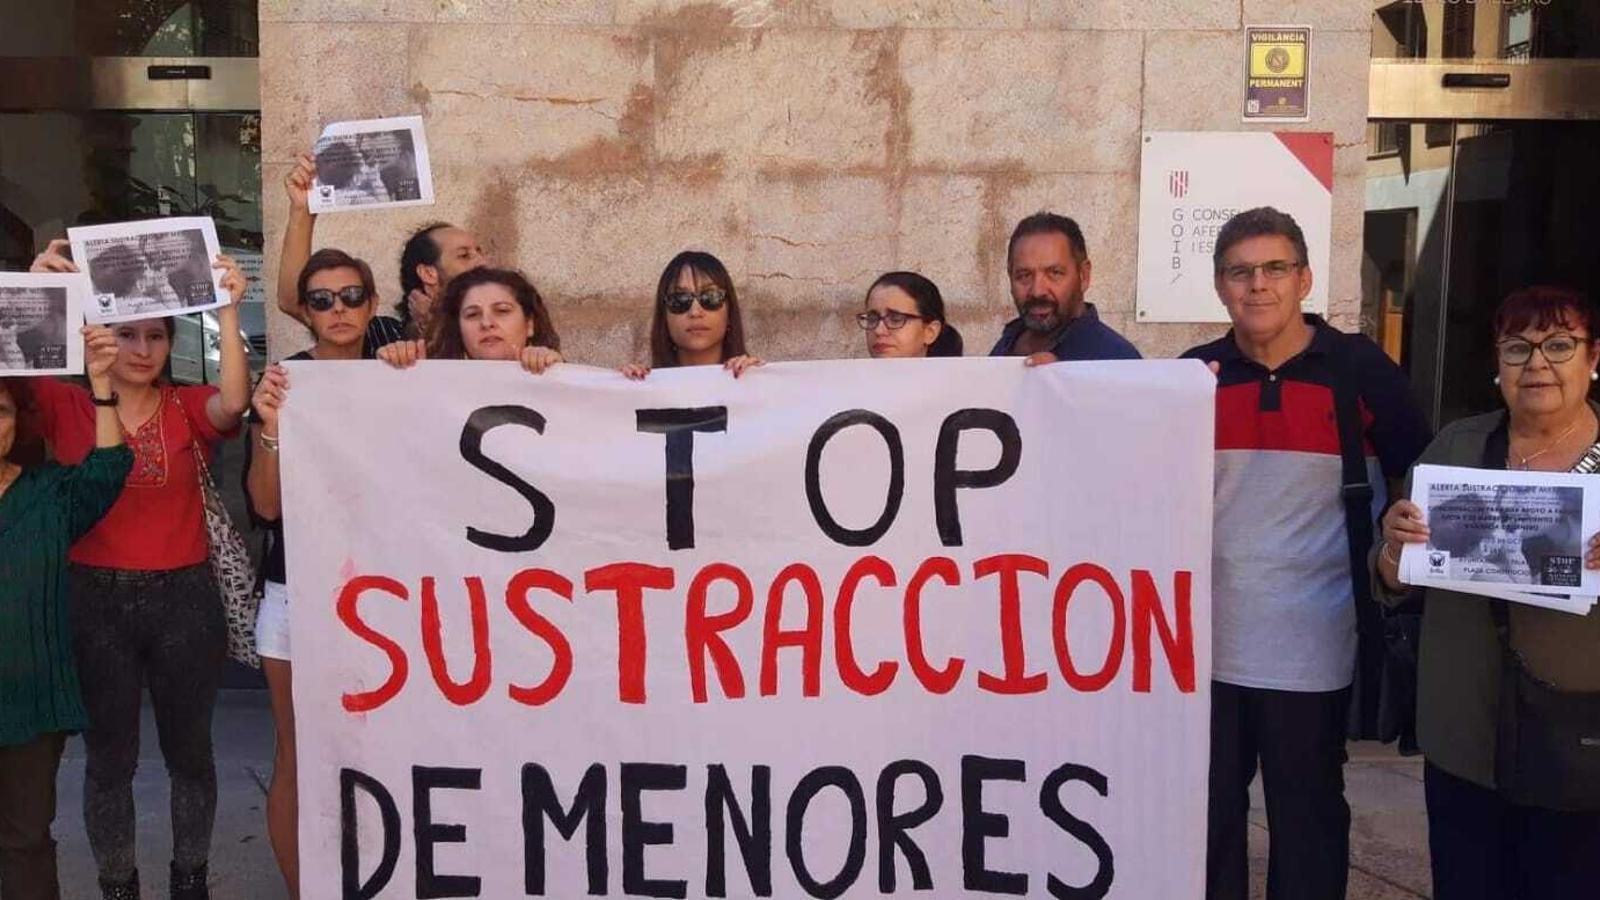 Fátima, la mare que ha denunciat el cas, amb membres de l'Associació Brilla Illes Balears i la plataforma Stop Maltractament Centres d'Acudida